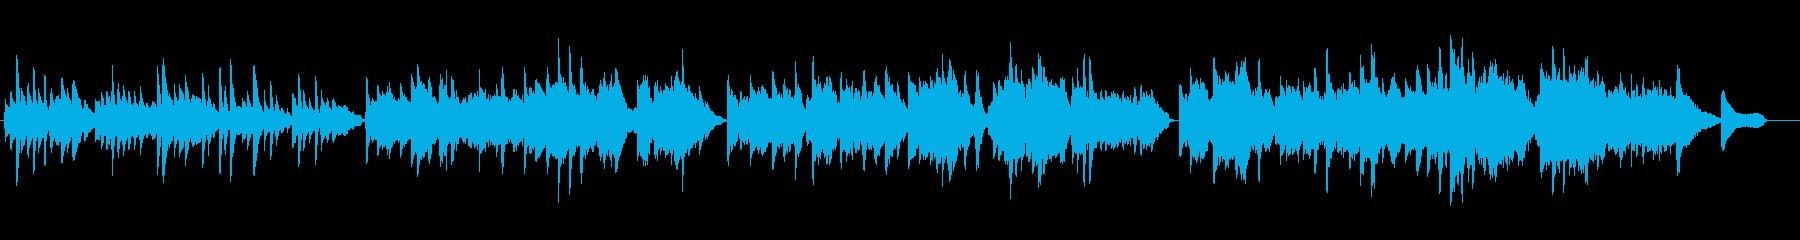 MESSAGE Pf+Vl+Flの再生済みの波形